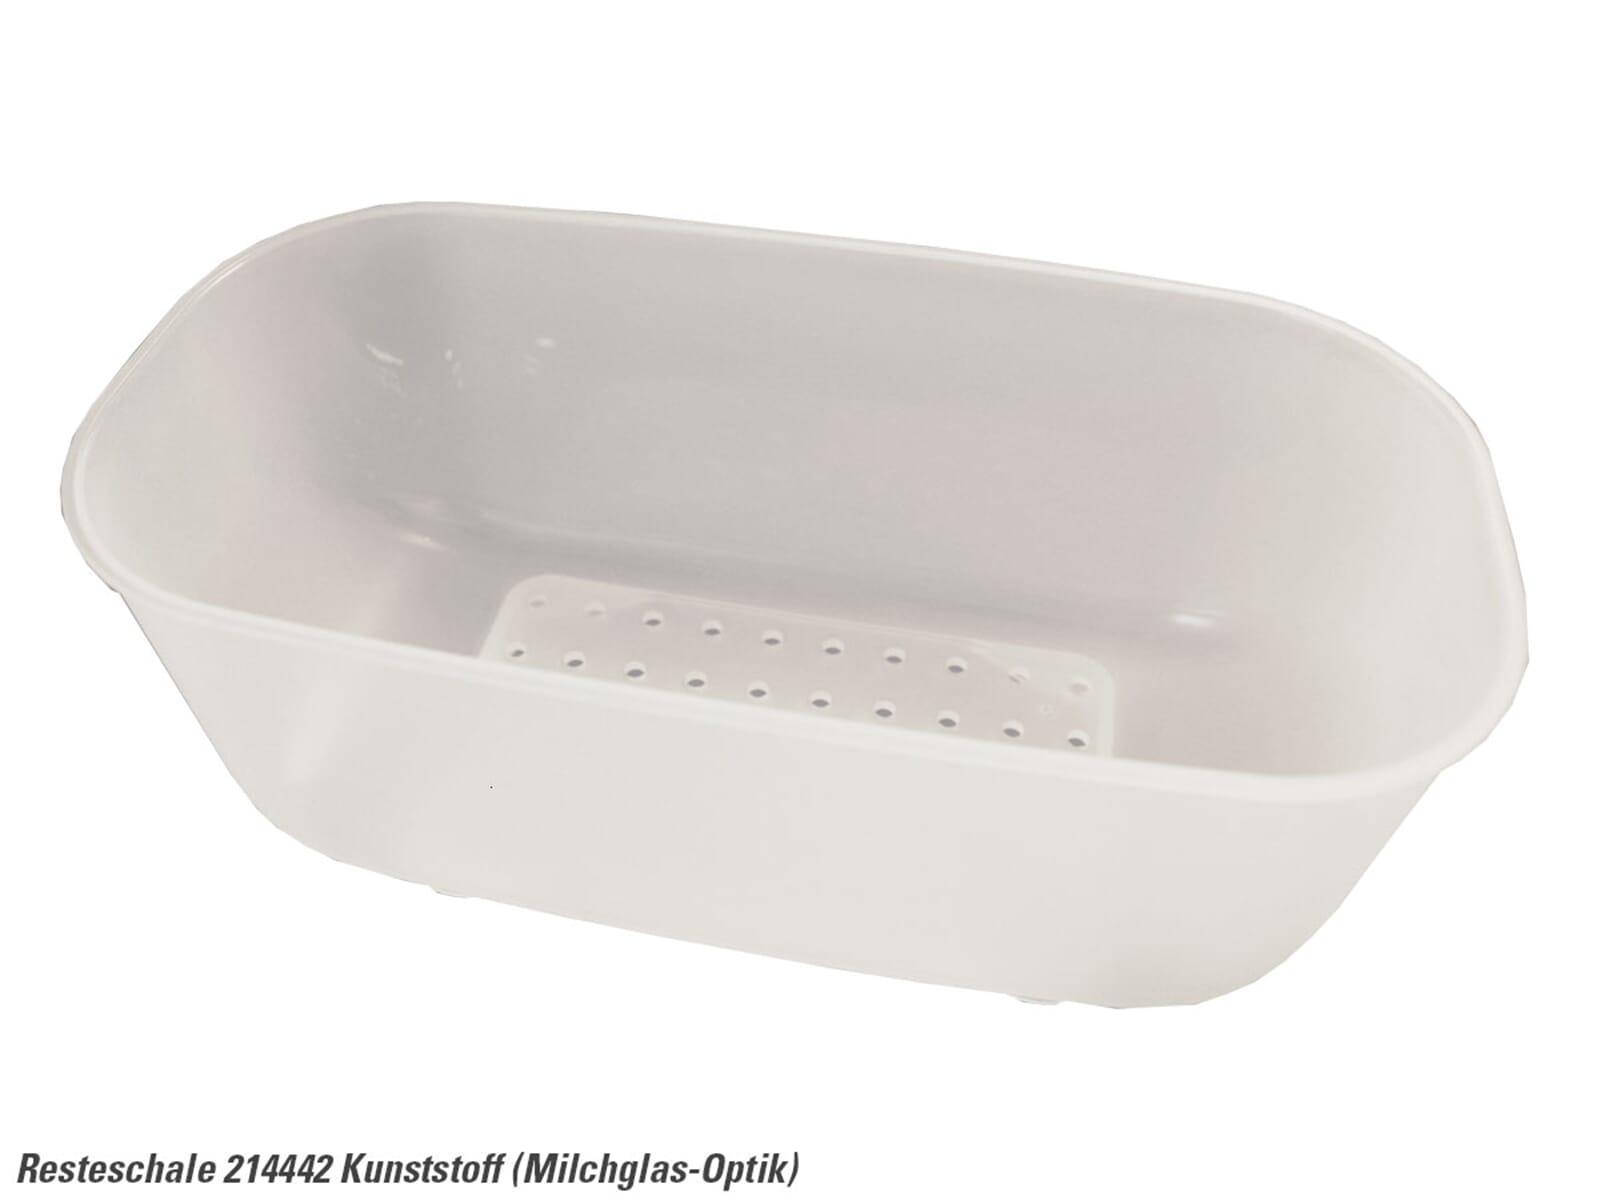 Blanco 214 442 Resteschale Kunststoff transparent weiß